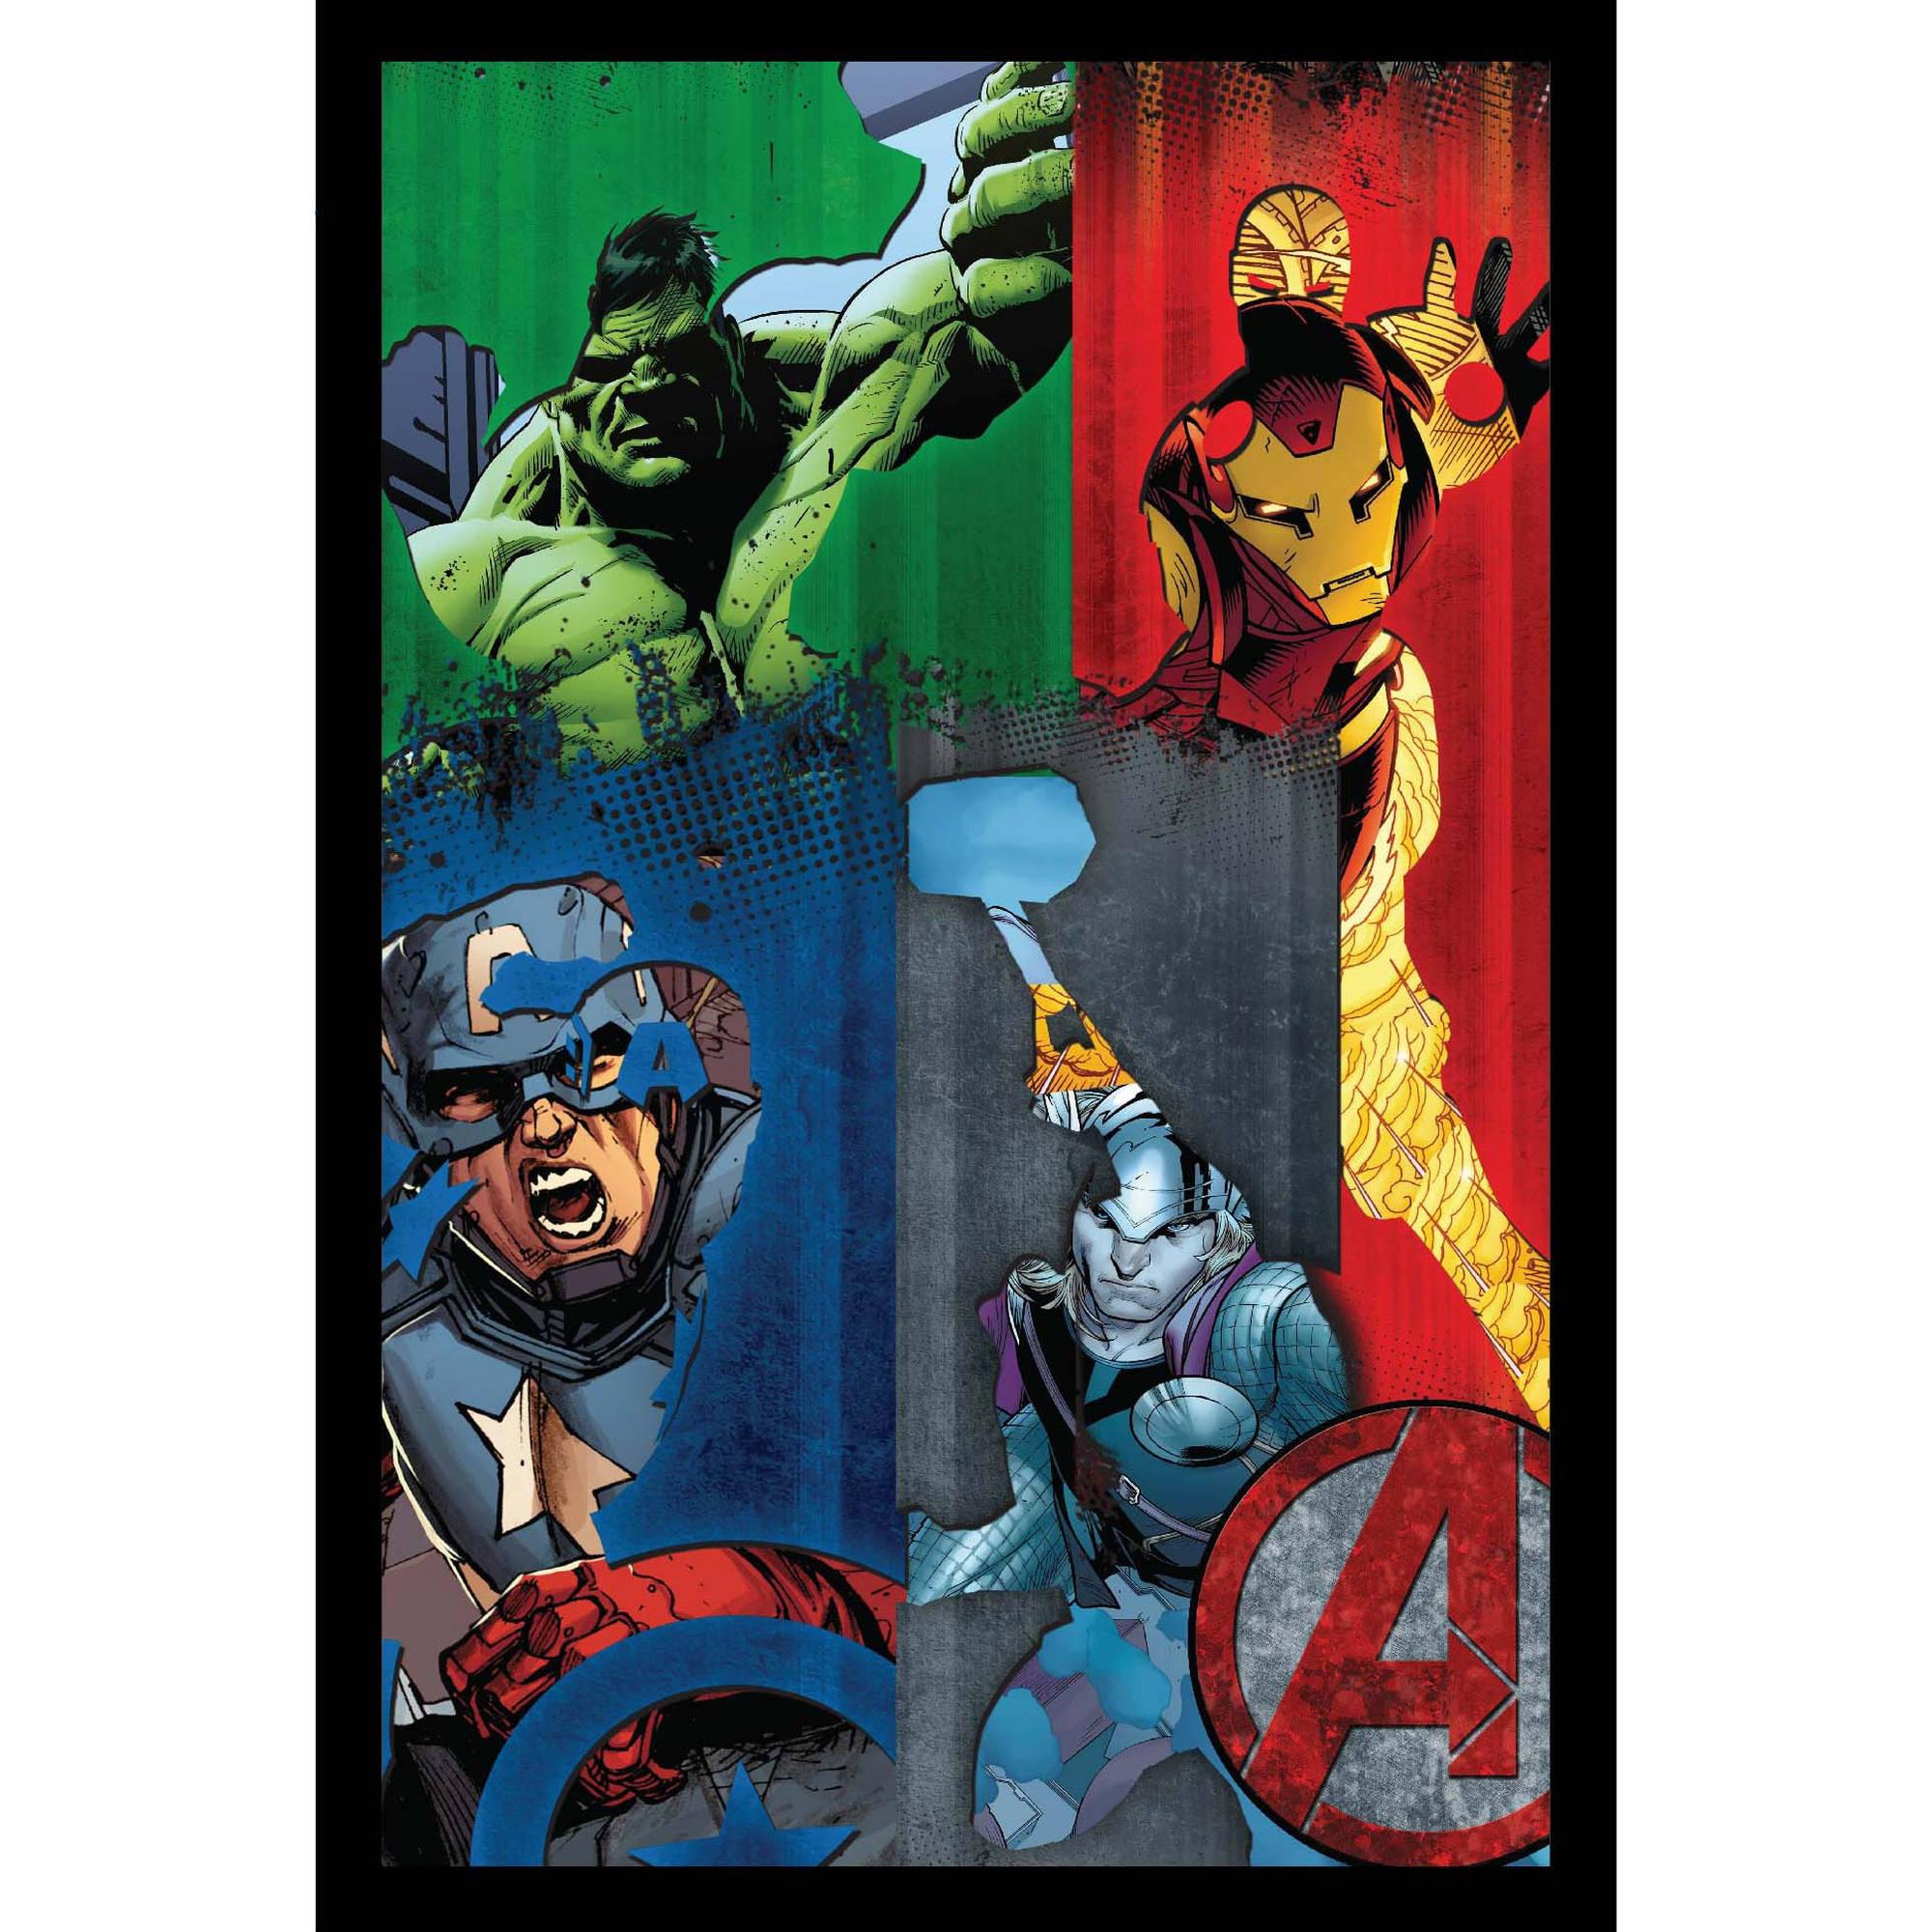 Marvel Avengers Comic Framed 3D Wall Artwork by Marvel